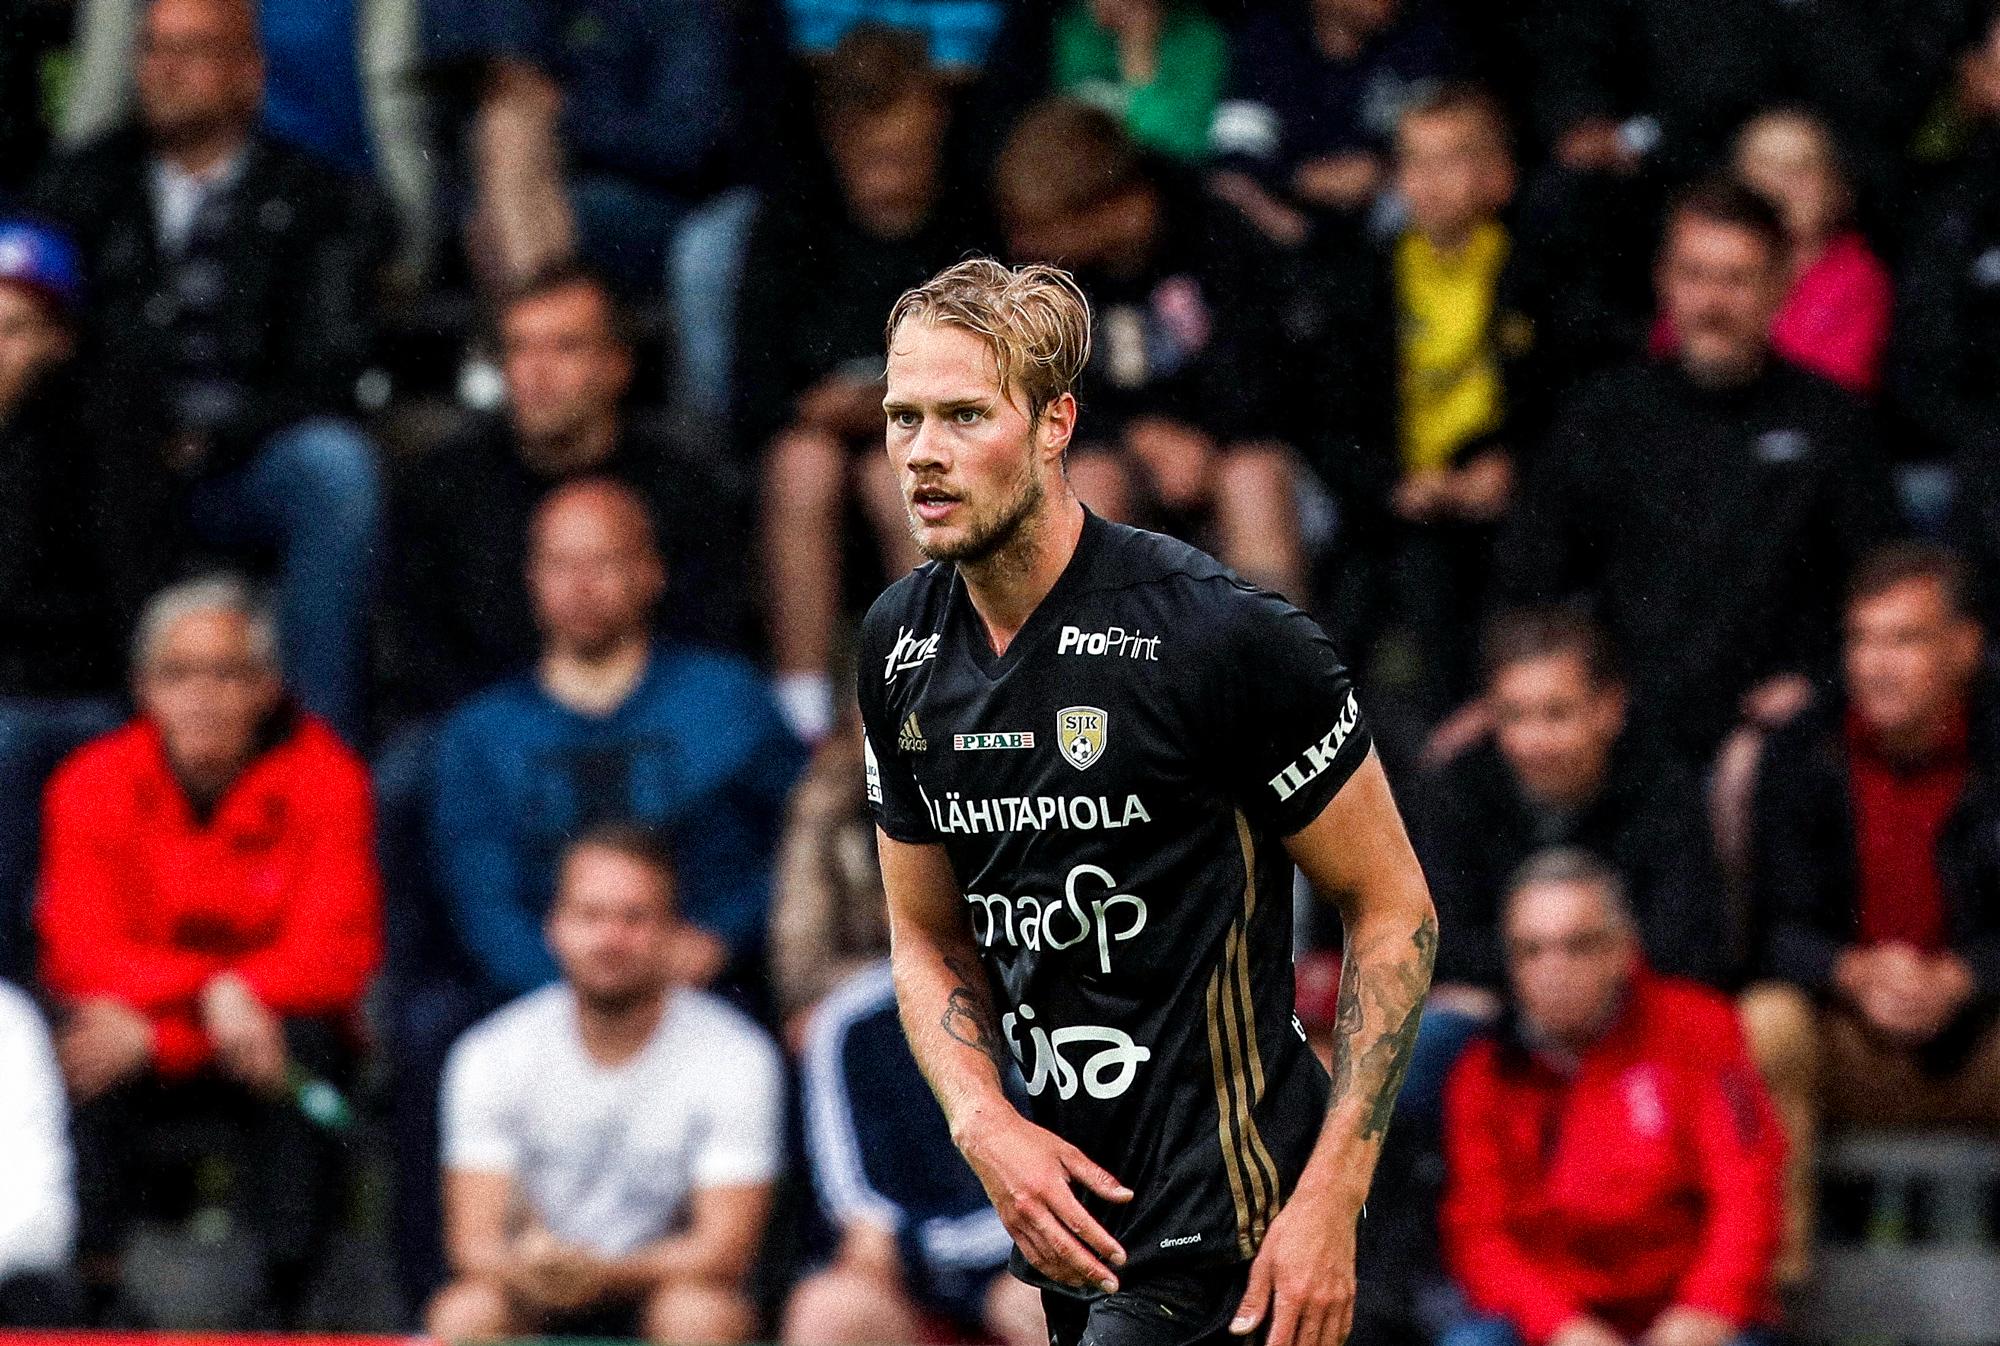 Joel Mero flyttar till HIFK